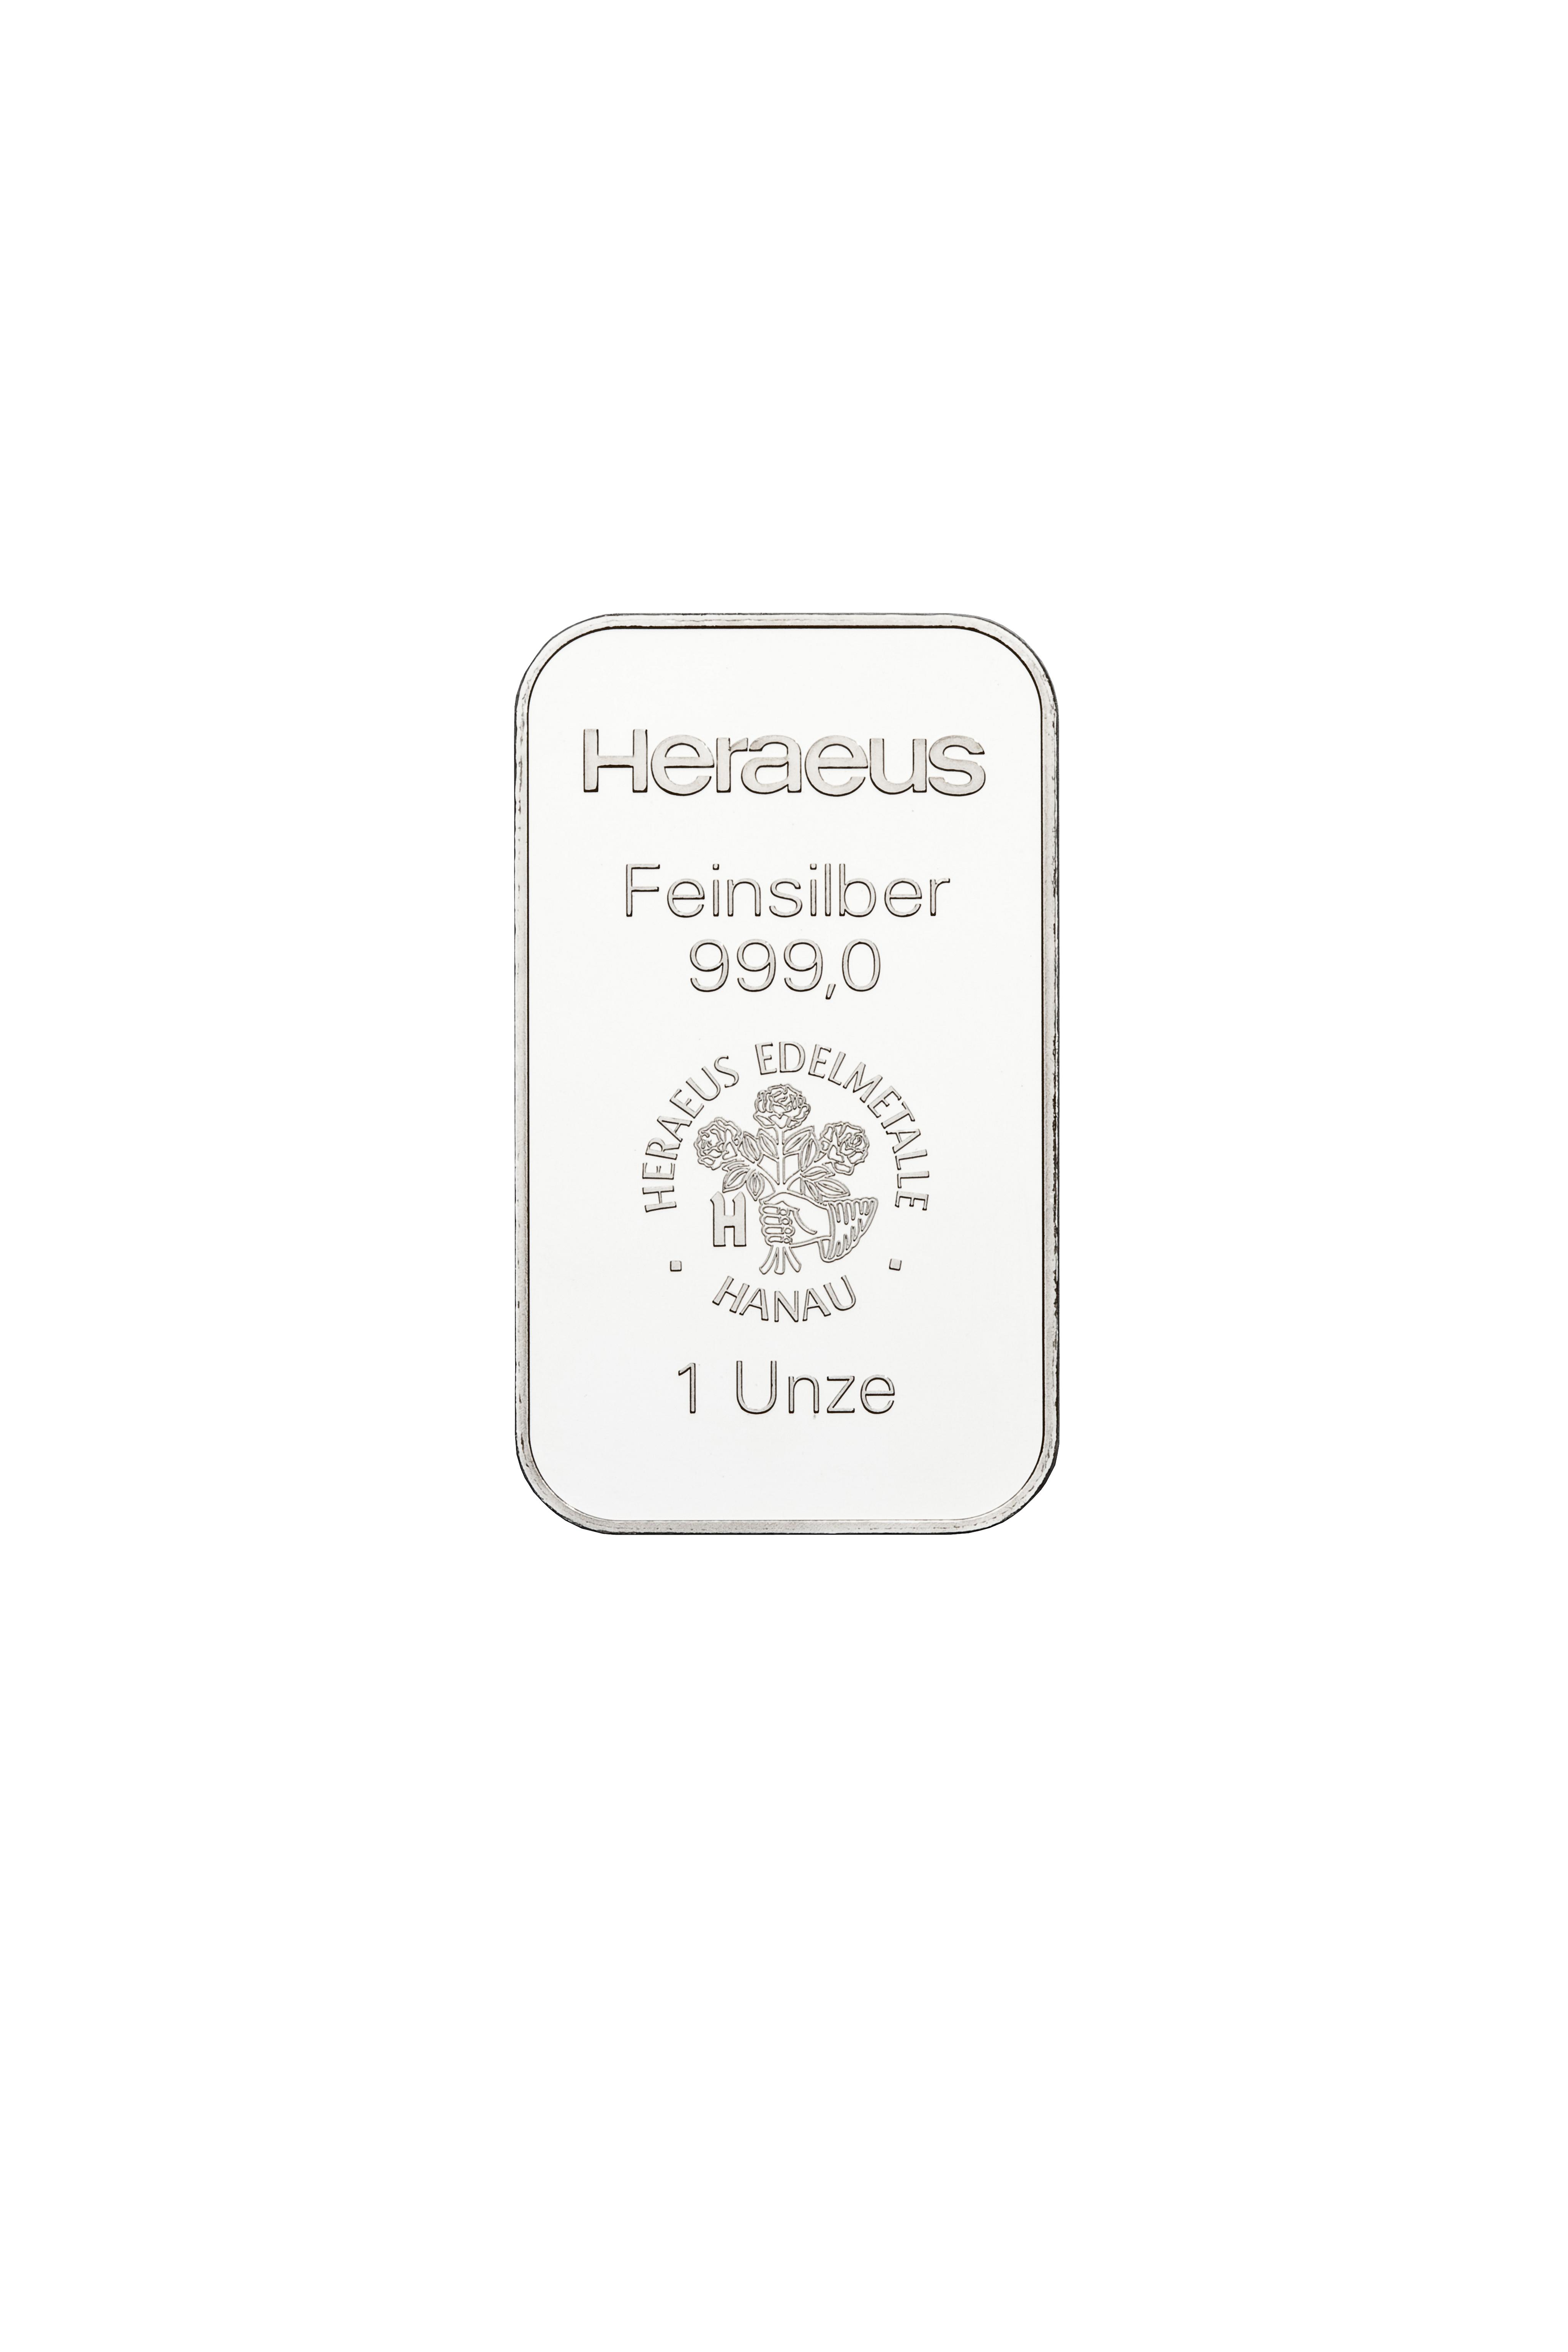 1 Unze (oz) Silberbarren Neuware